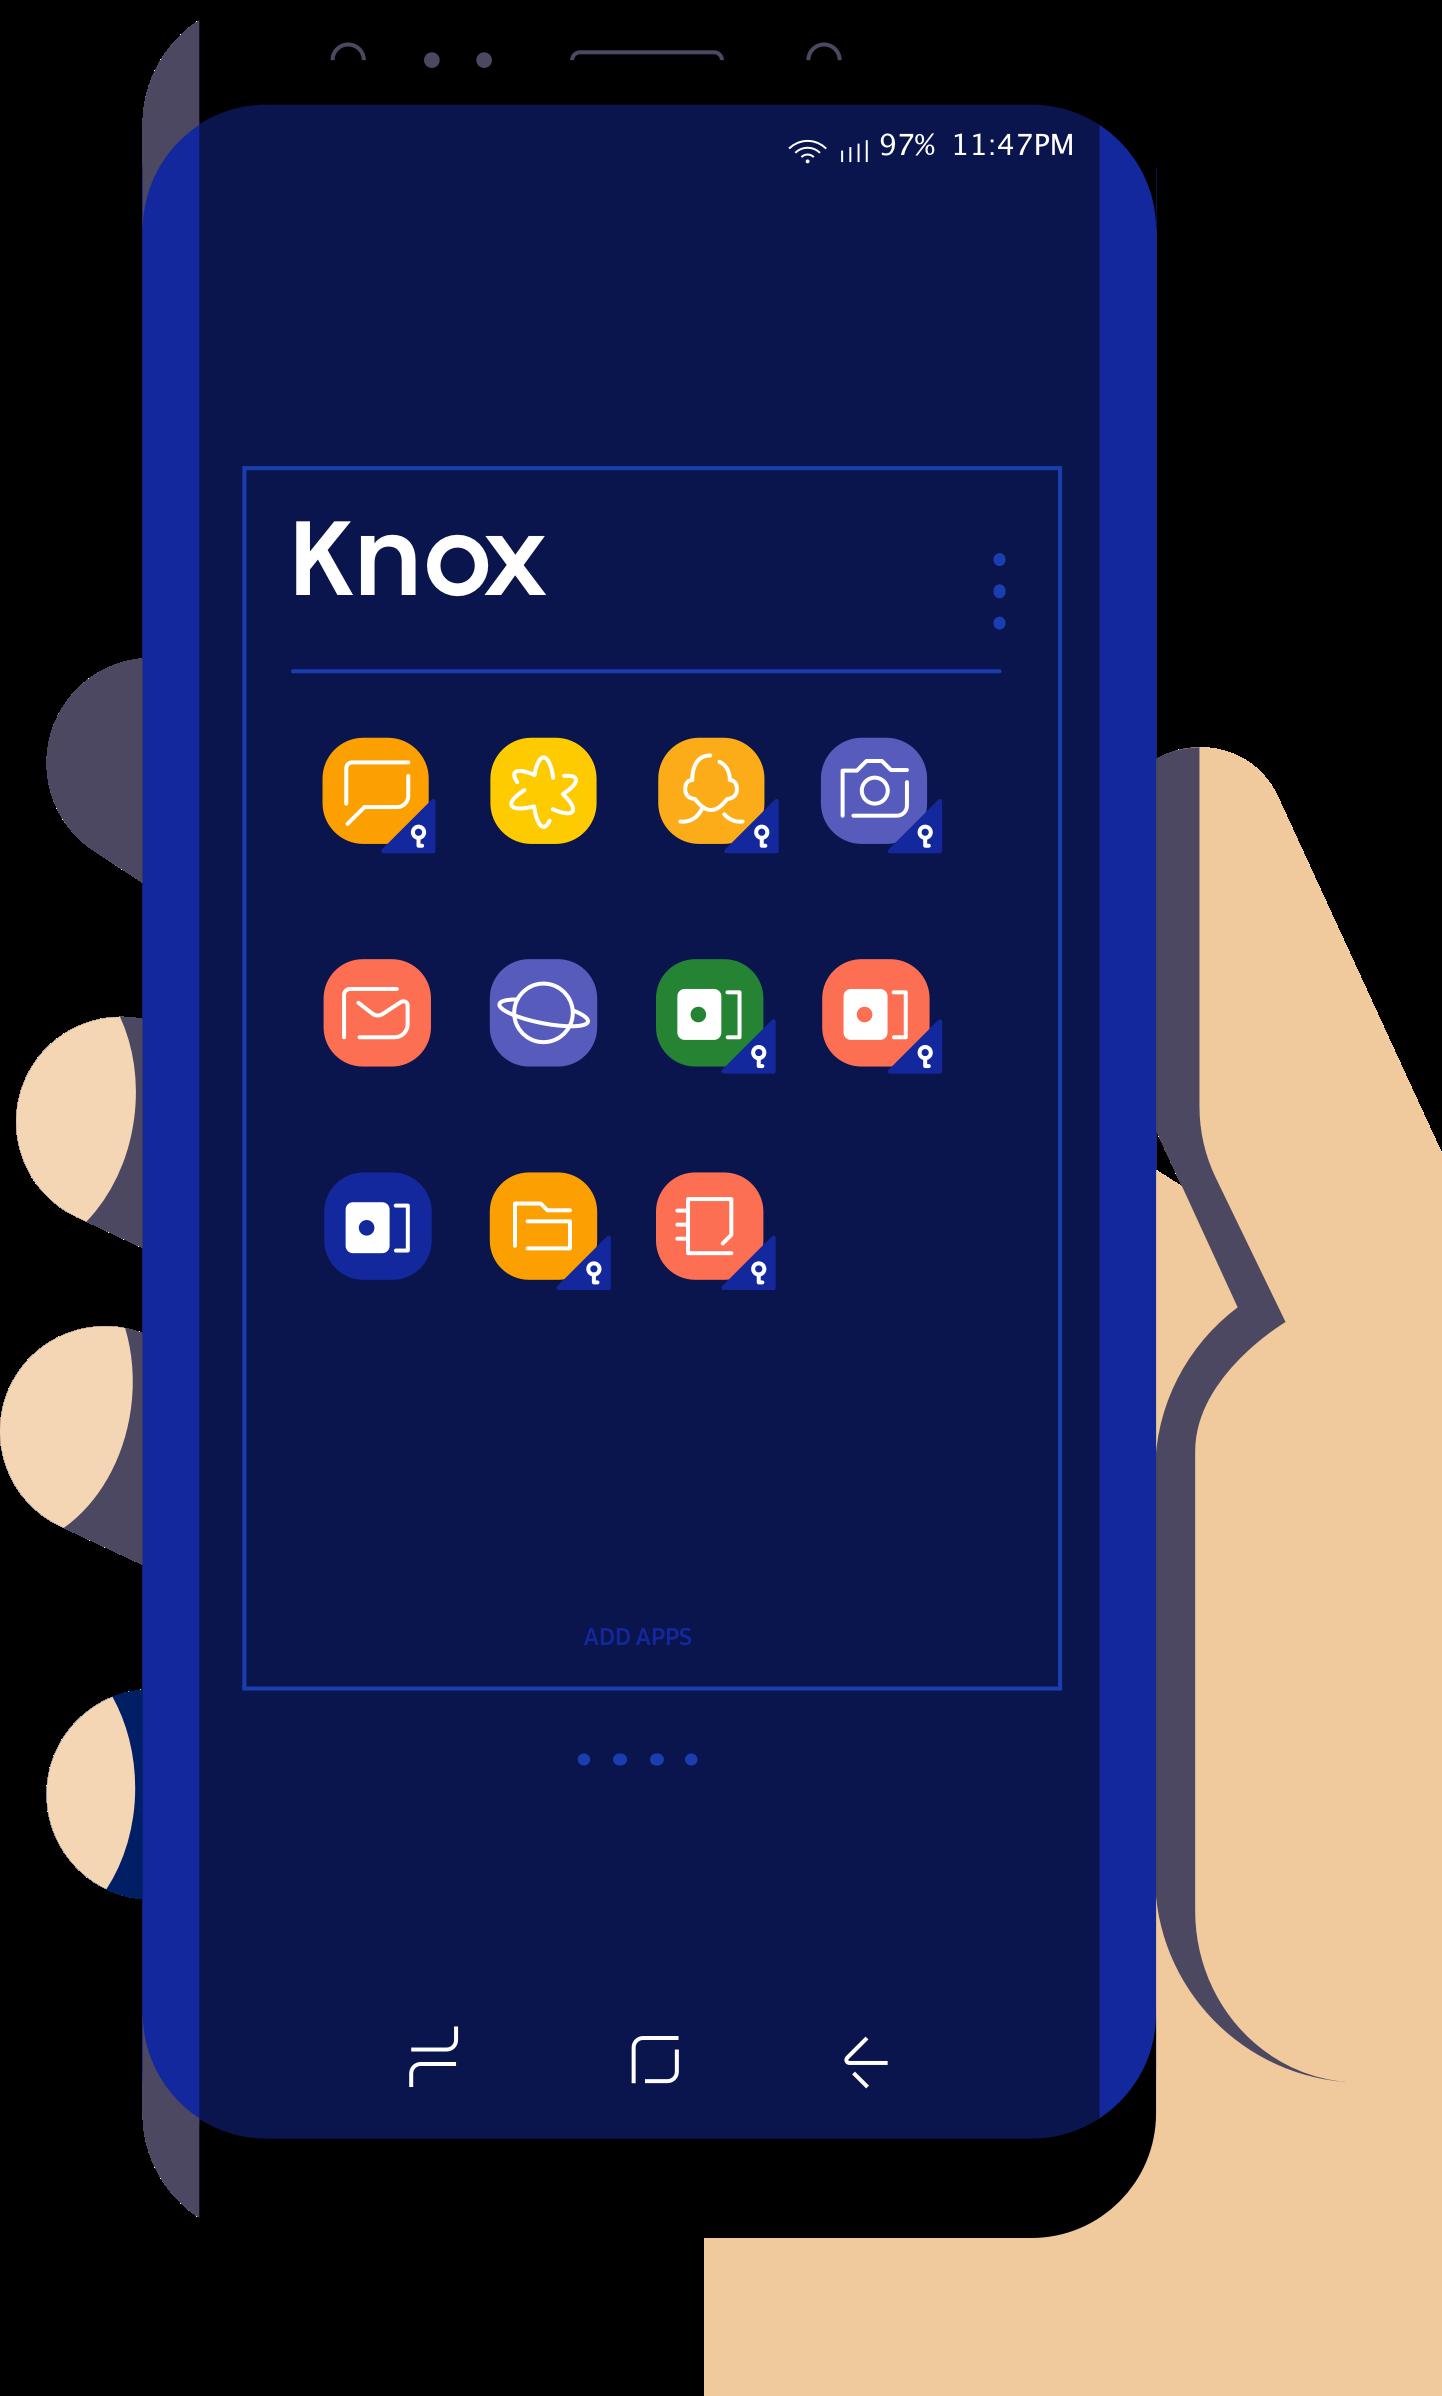 SamsungKnox_Assets_v1.2_MobileA